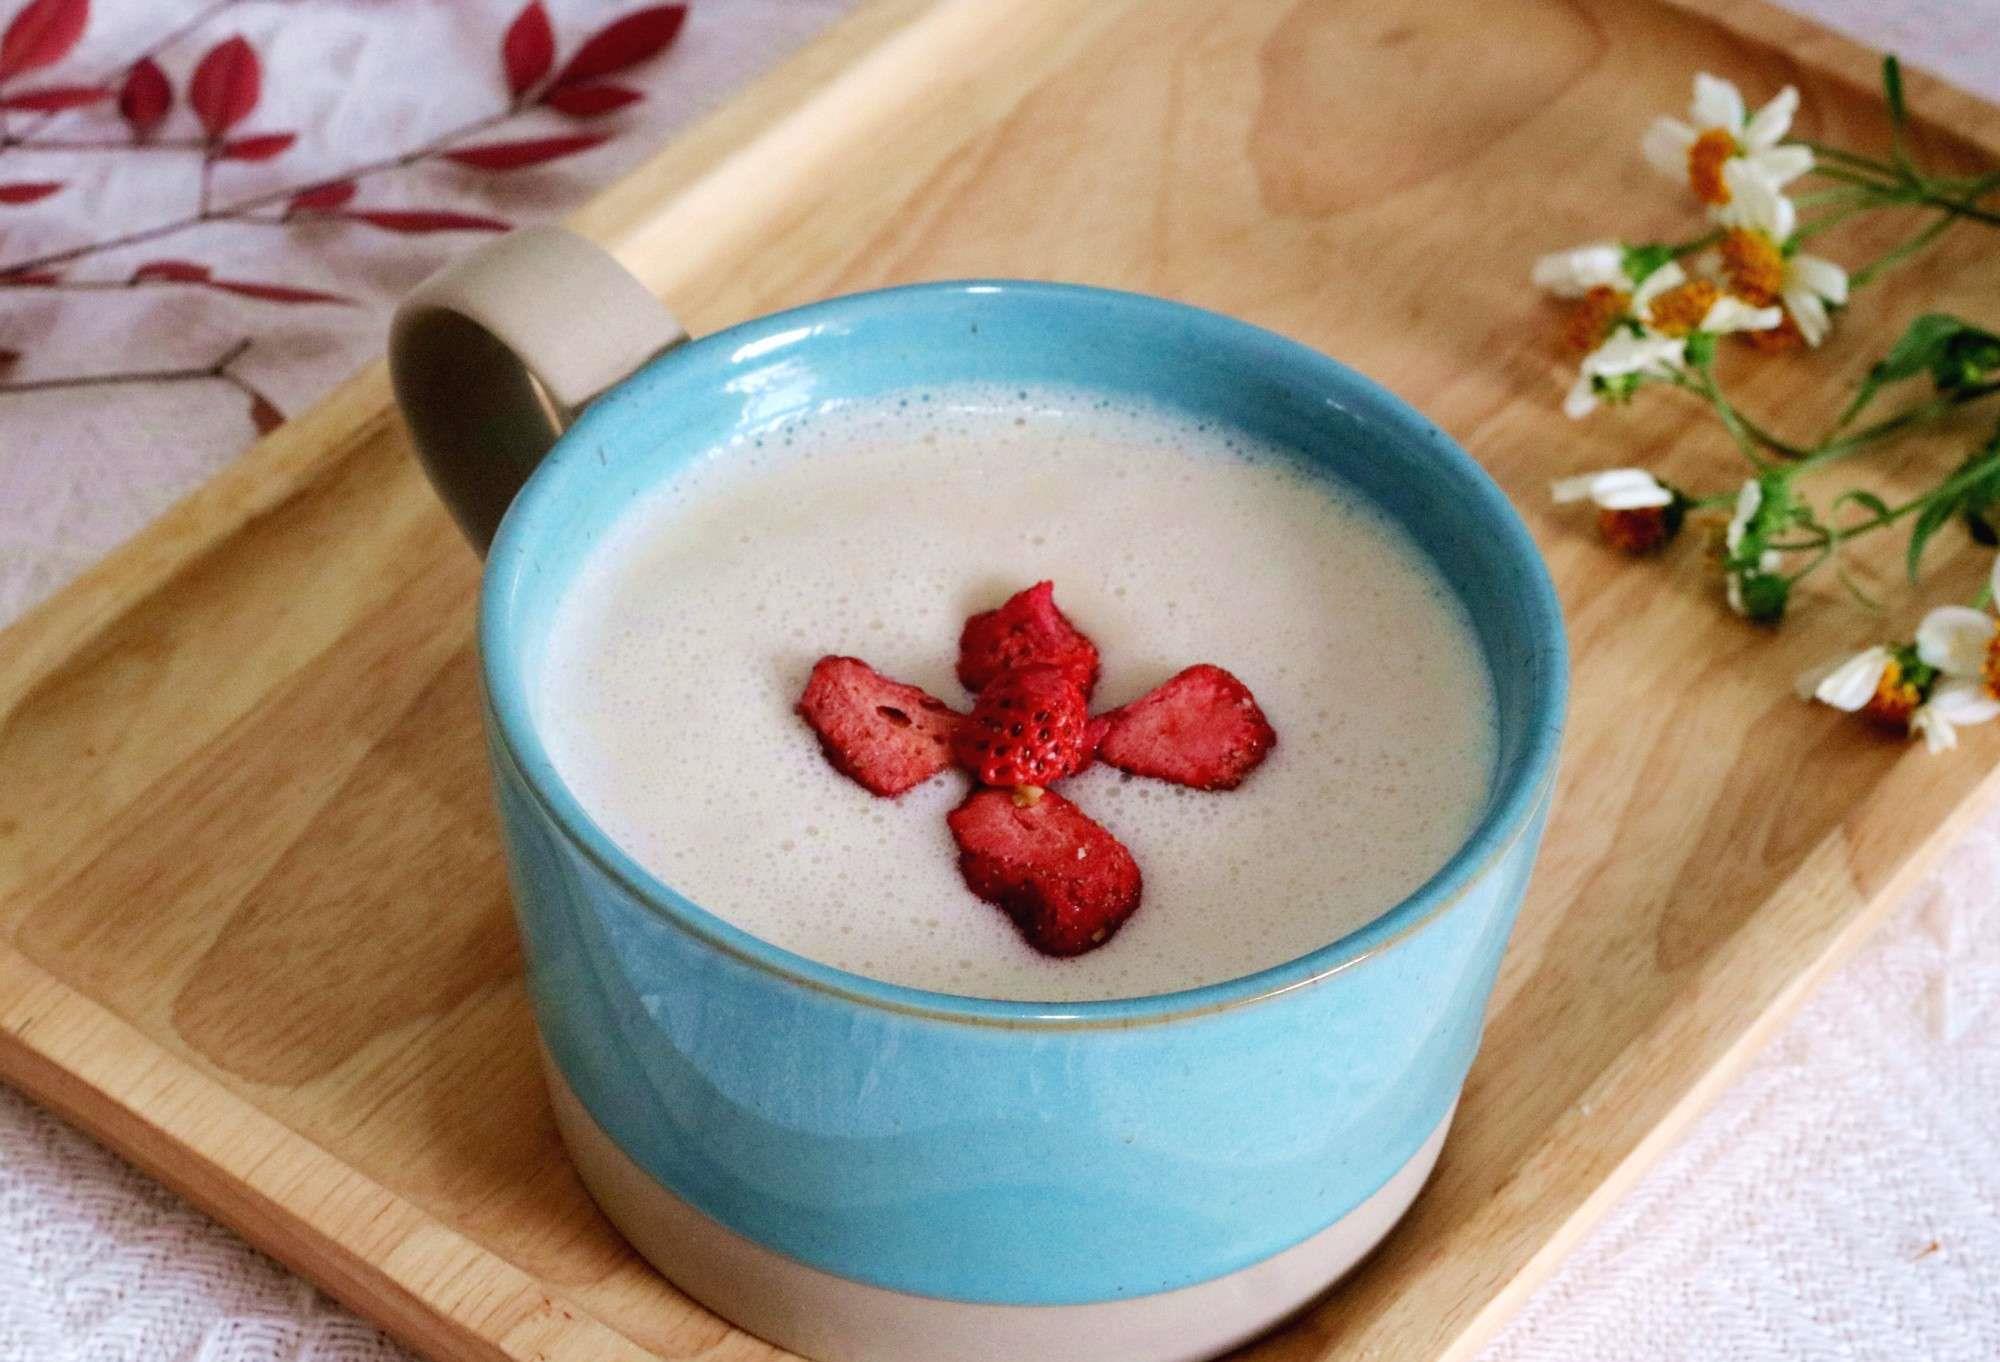 魔神之怒_秋天,喝豆浆喝果汁,不如喝它,比牛奶还便宜,营养又好喝